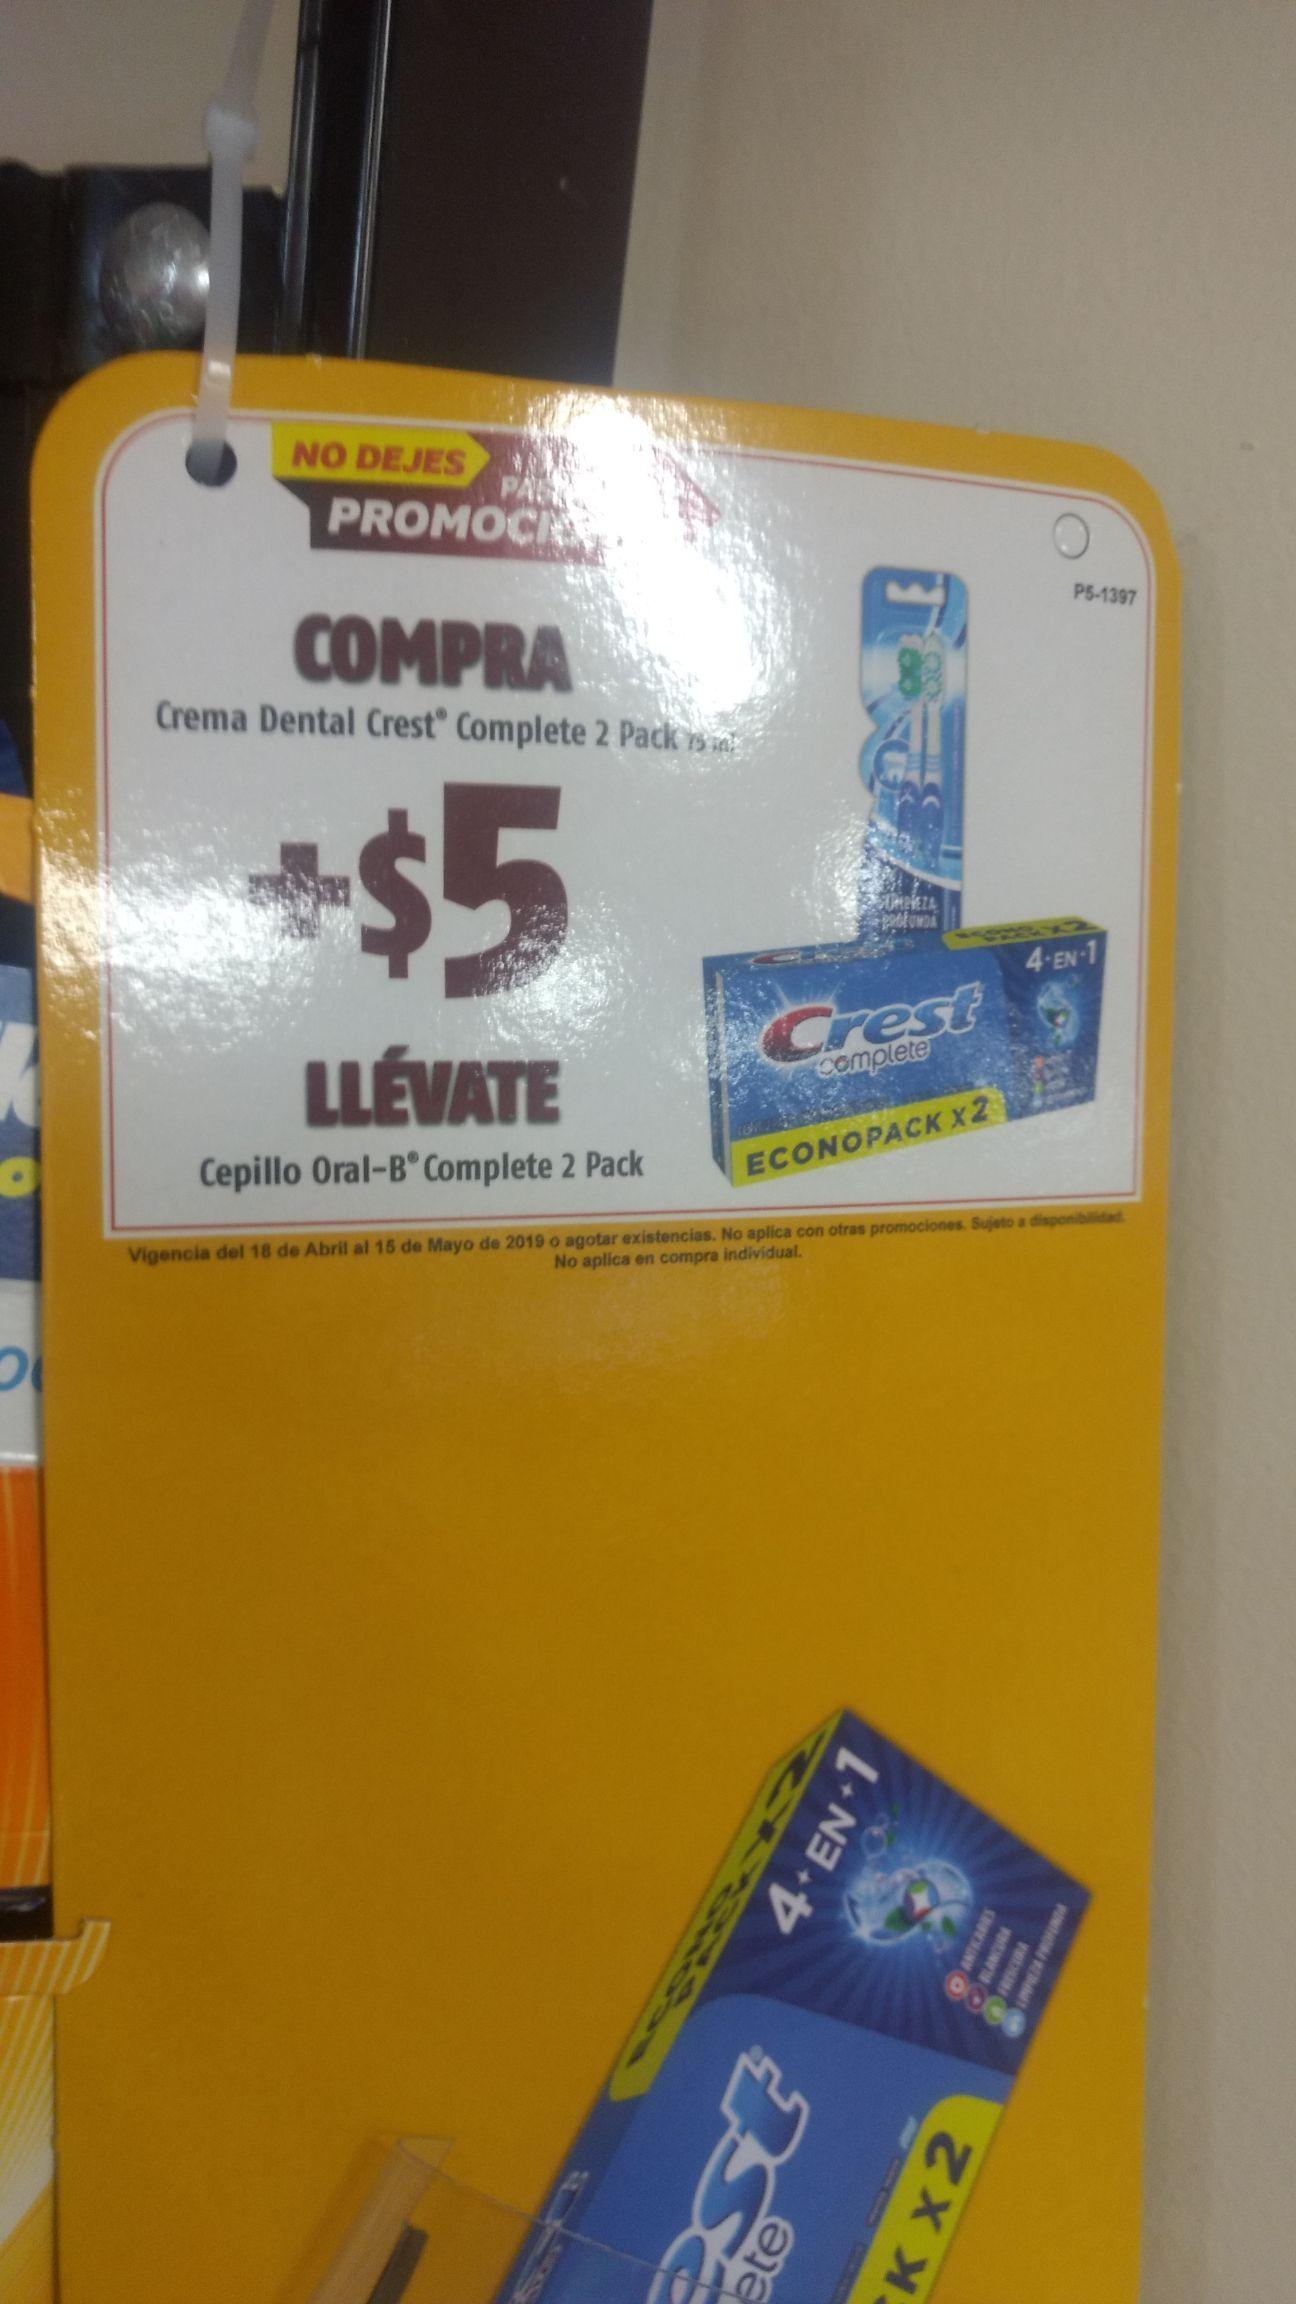 Oxxo: Compra pasta Crest + $5 llévate un paquete de cepillos